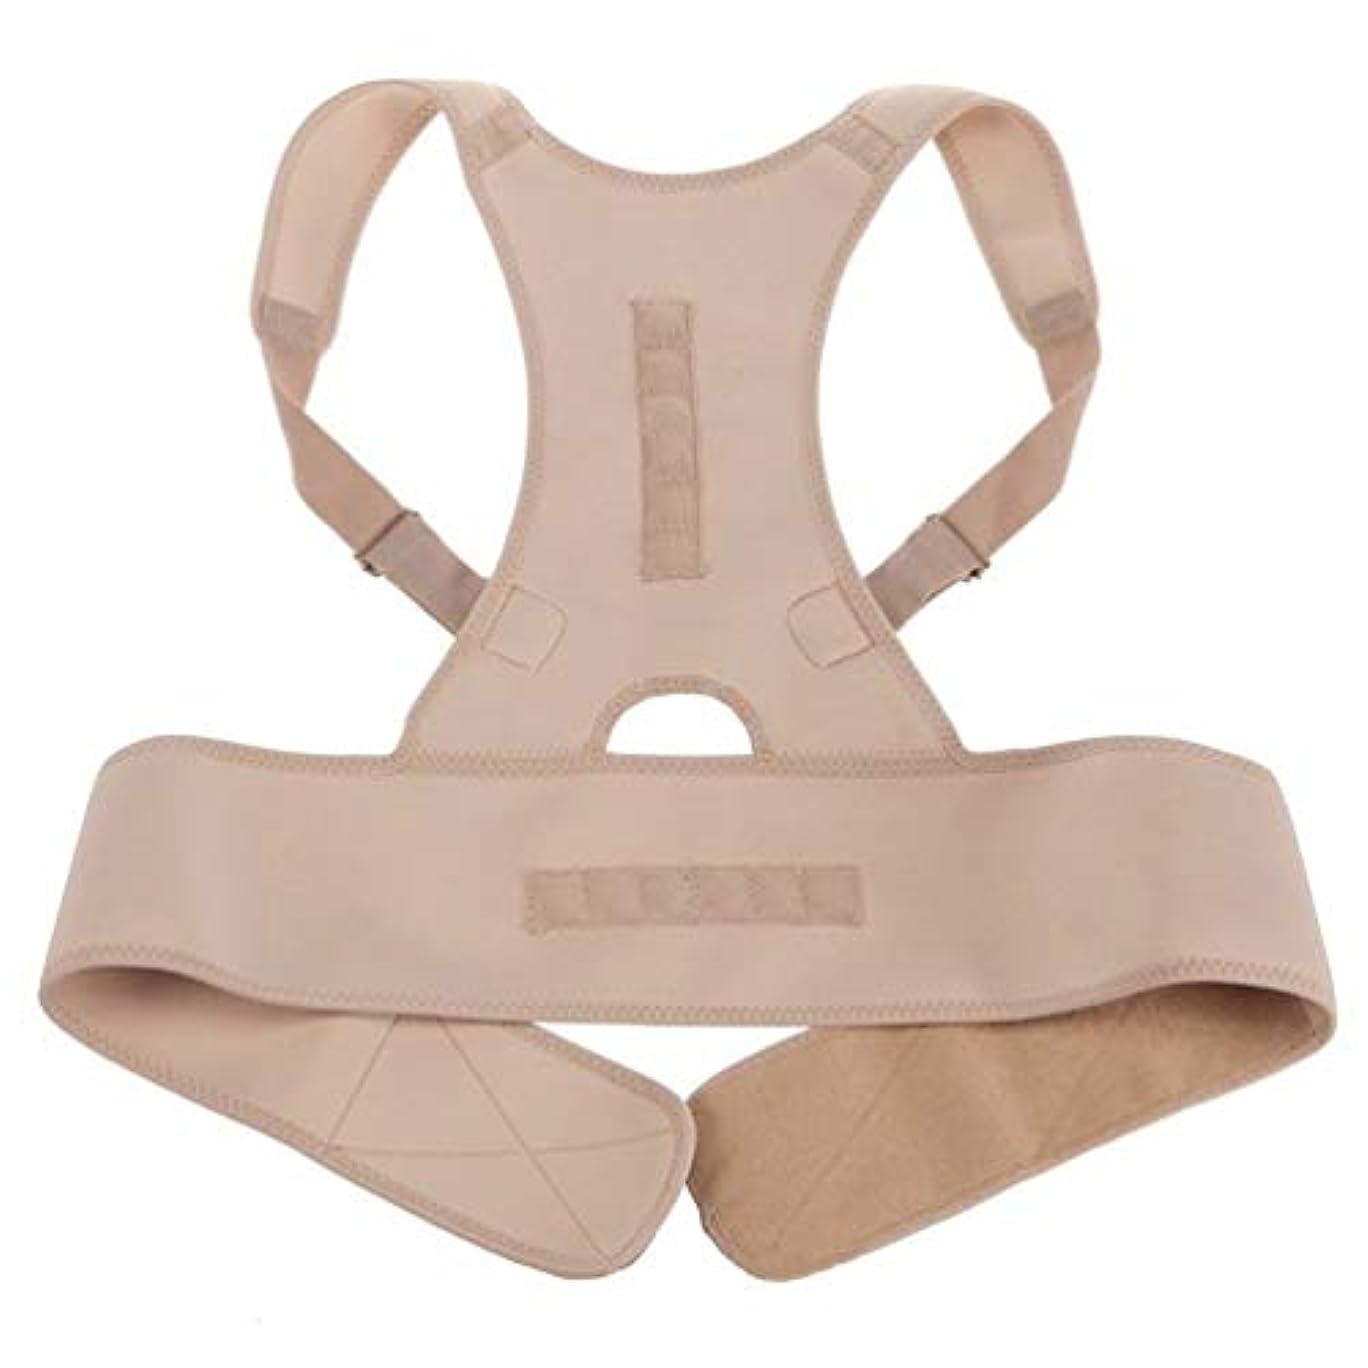 召集する否定するパテネオプレン磁気姿勢補正機能バッドバックランバーショルダーサポート腰痛ブレースバンドベルトユニセックス快適な着用 - 肌の色L/XL